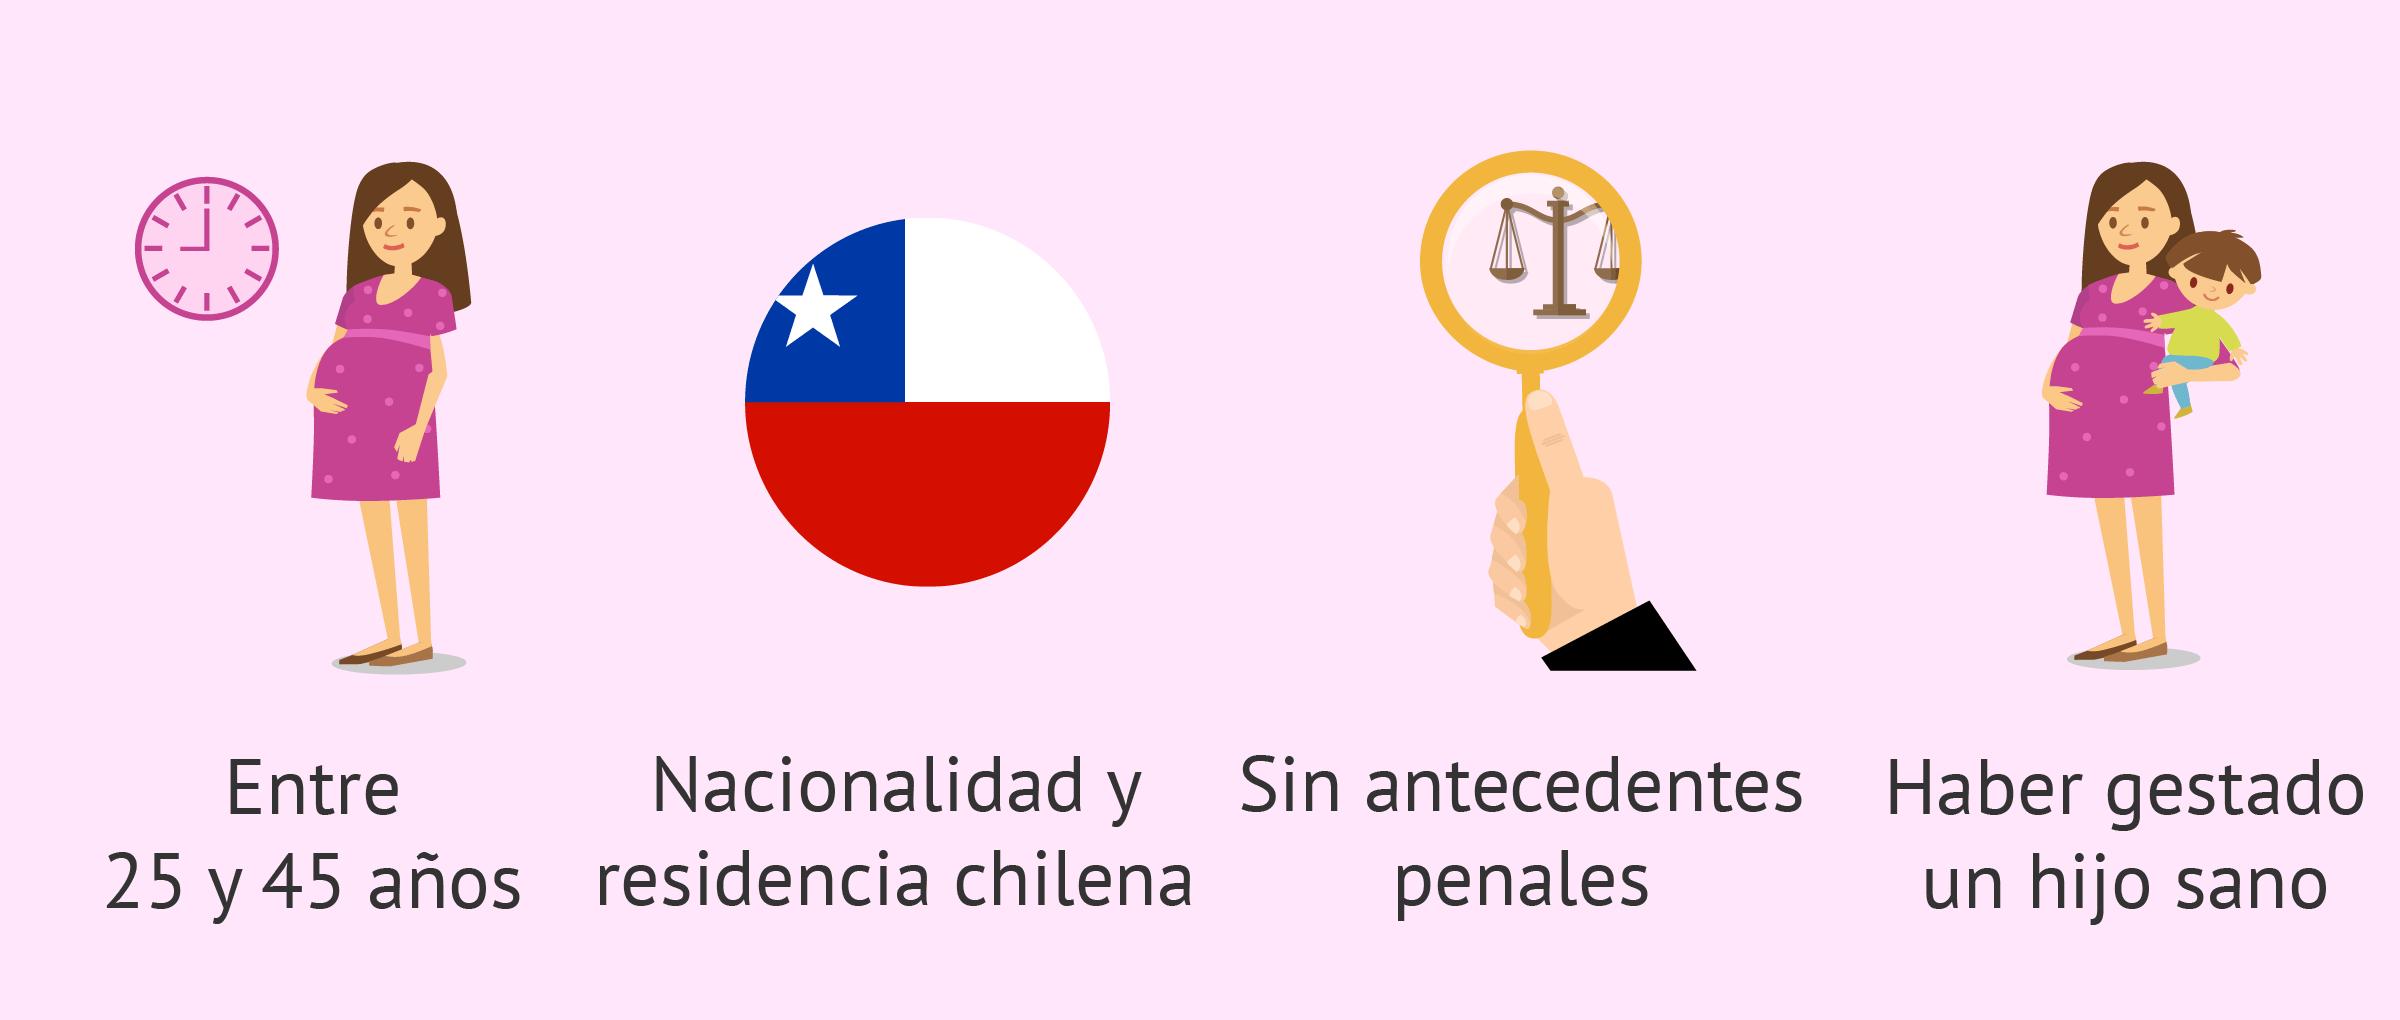 Requisitos para ser gestante subrogada en Chile